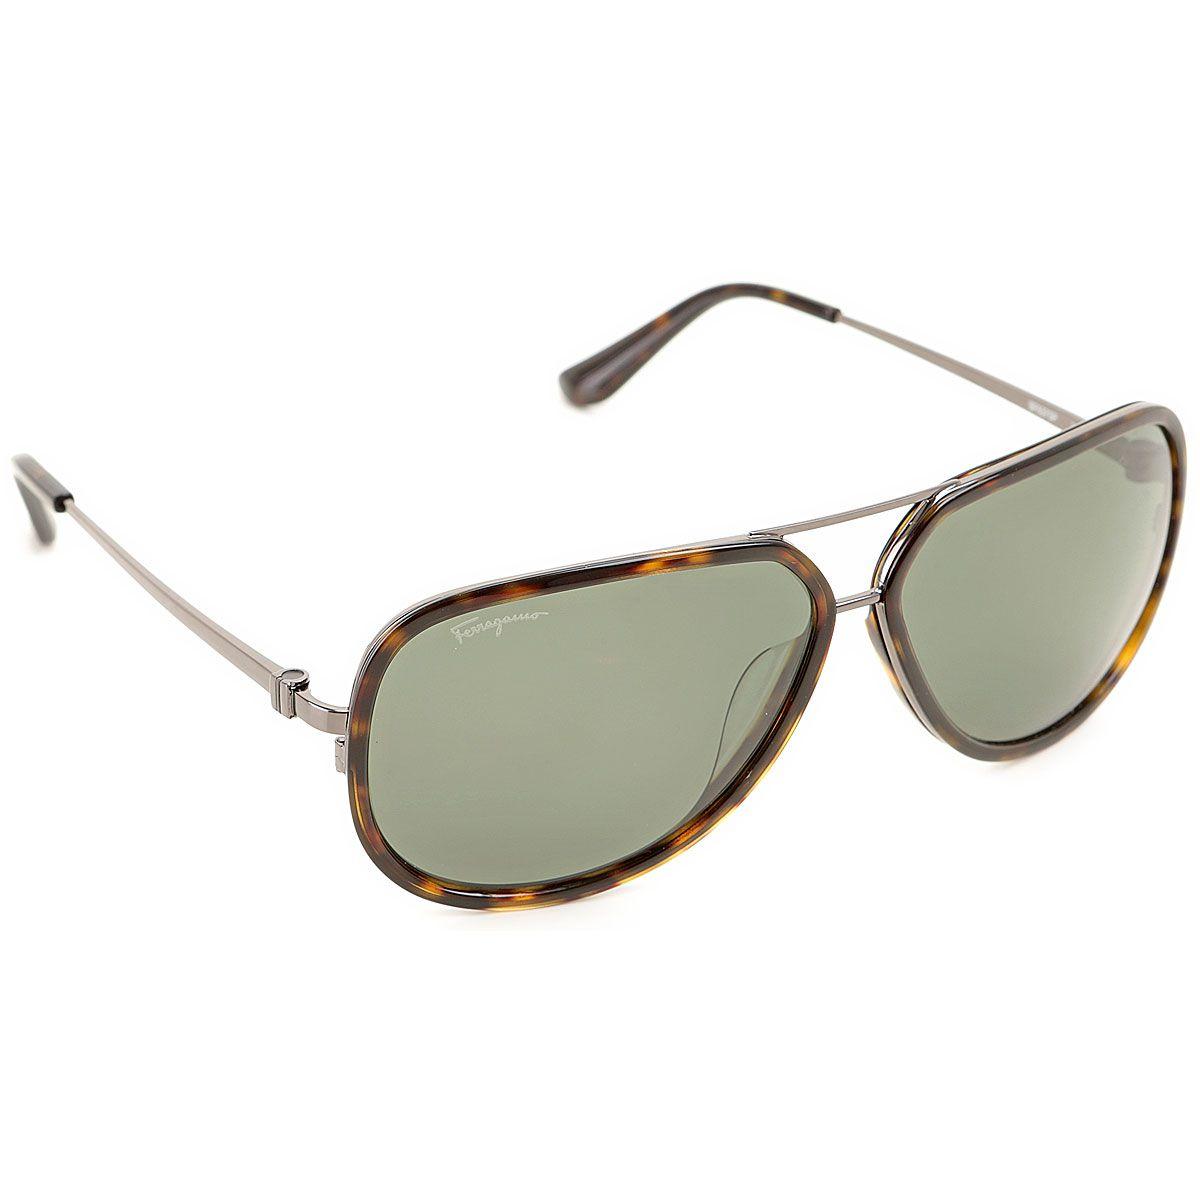 Gafas y Lentes de Sol Salvatore Ferragamo, Detalle Modelo: sf637sp ...